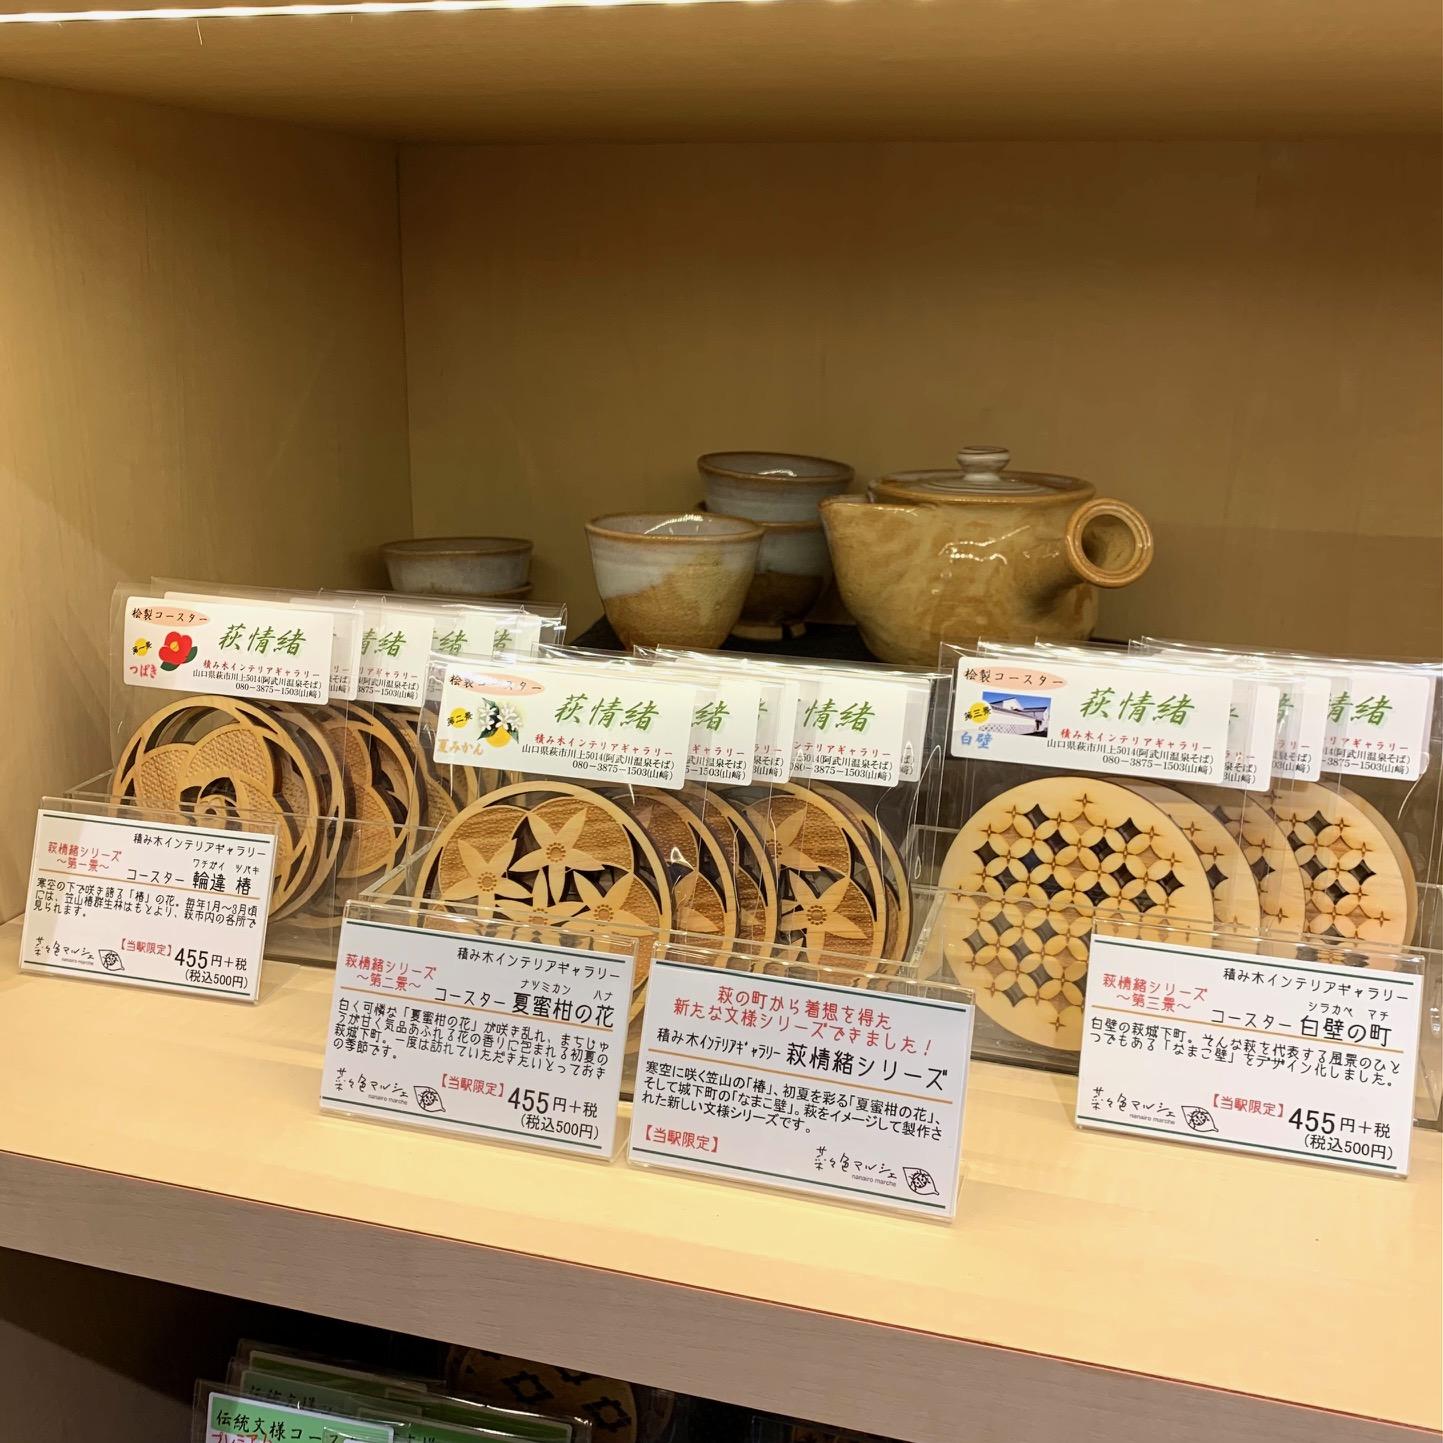 【レターパック便専用】萩情緒コースター 第一景 輪違椿